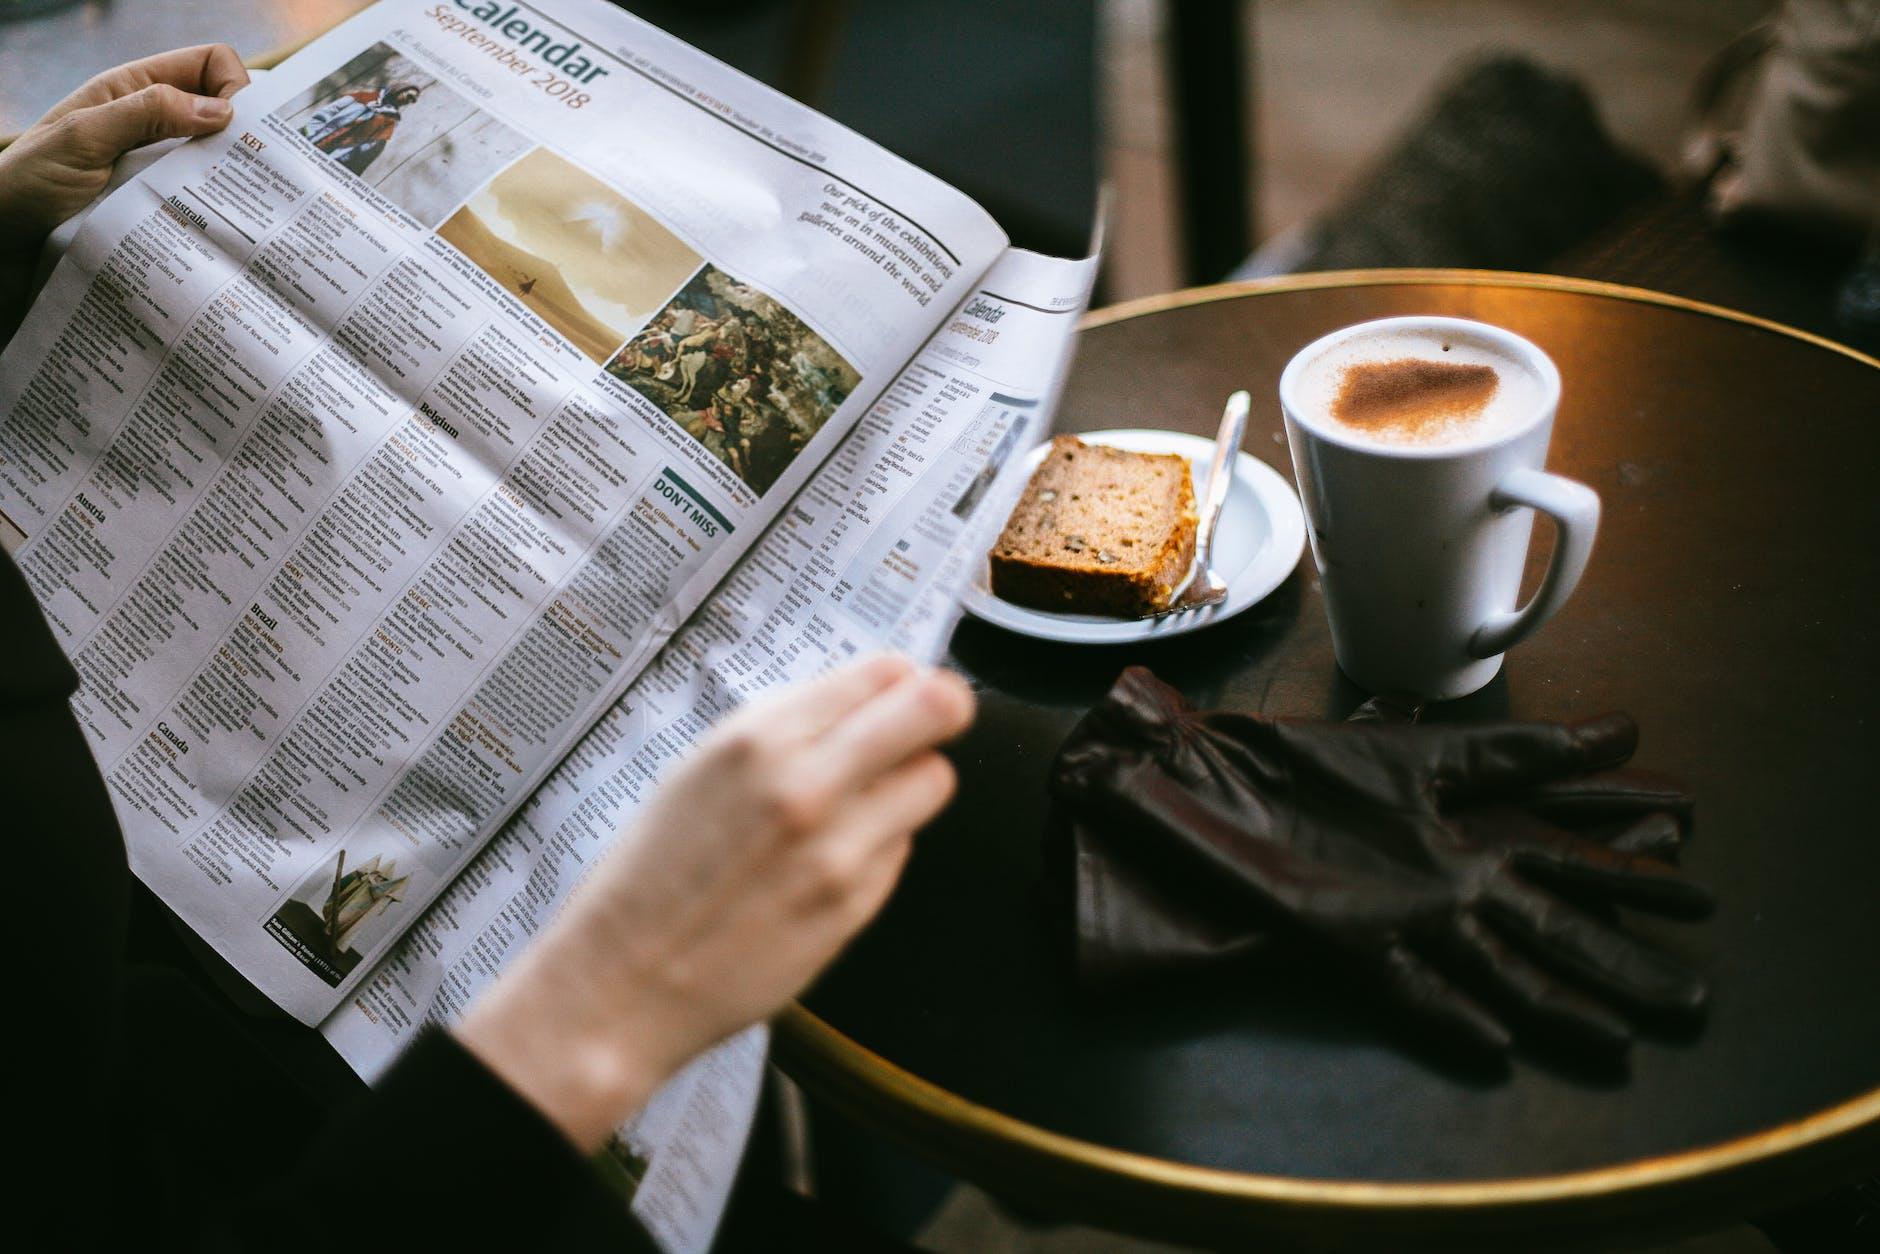 Manos de mujer leyendo el periódico junto a una mesa con café y un bizcocho